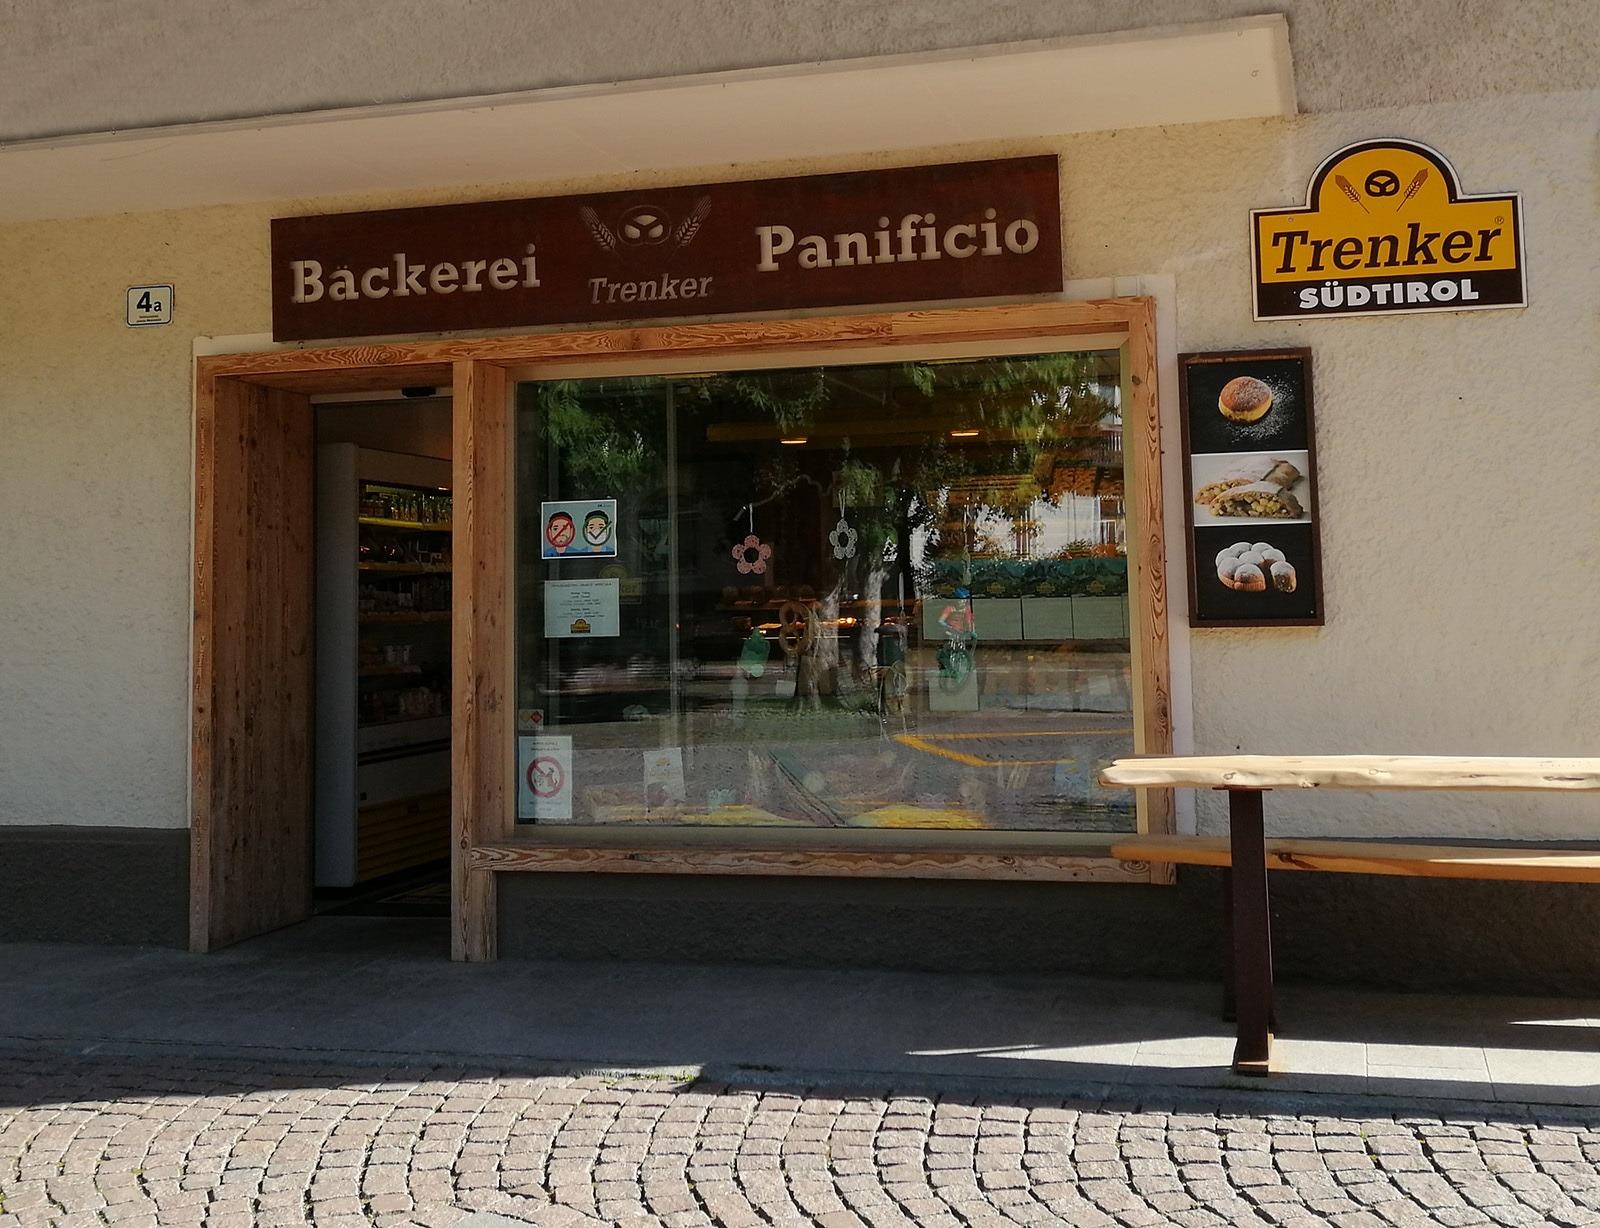 Bakery Trenker